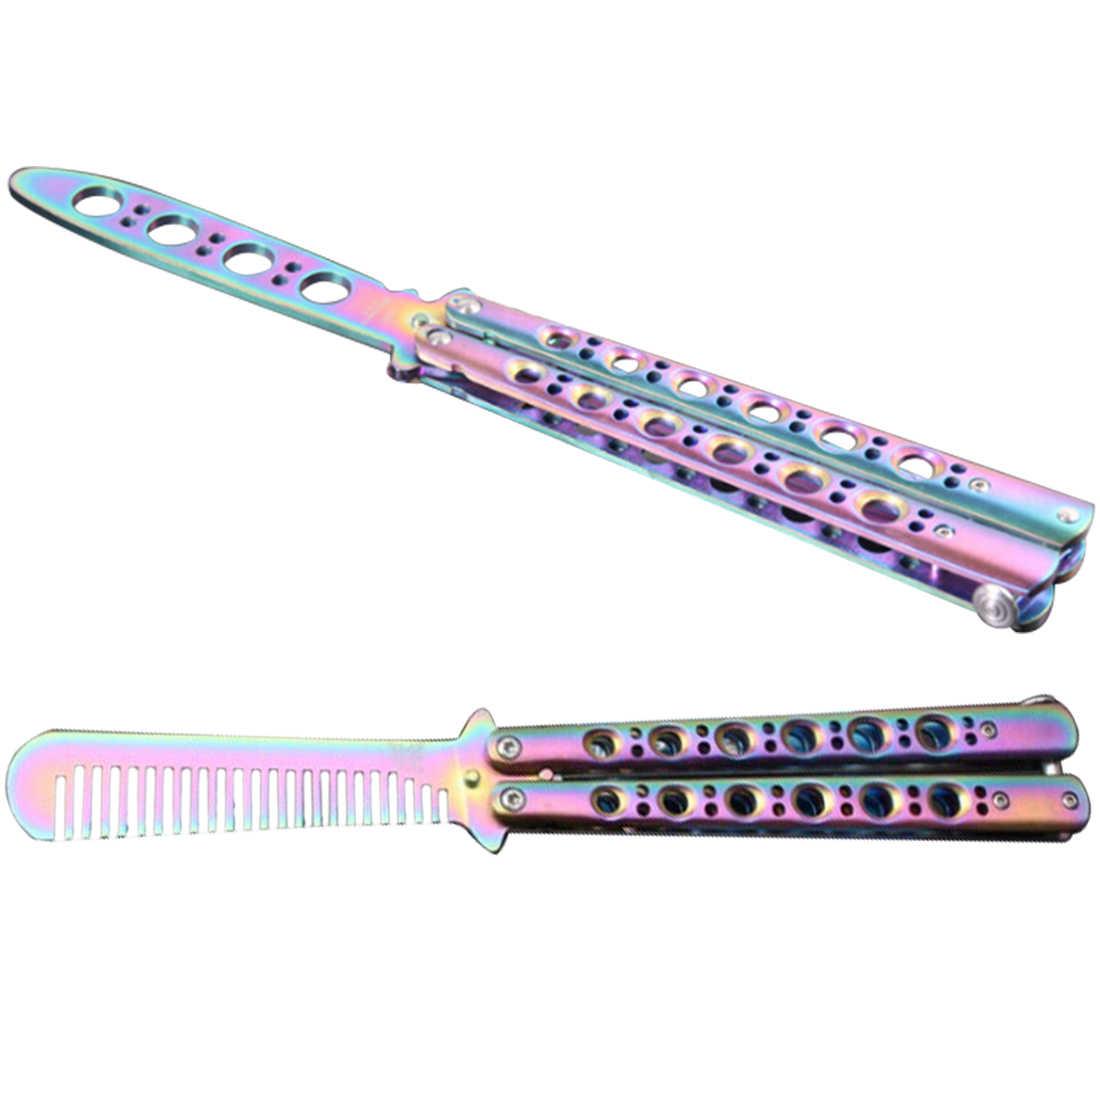 Складной тренировочный не Практичный Нож балисон C42 цвет практичный карамбит тренировочный титановый нож из нержавеющей стали